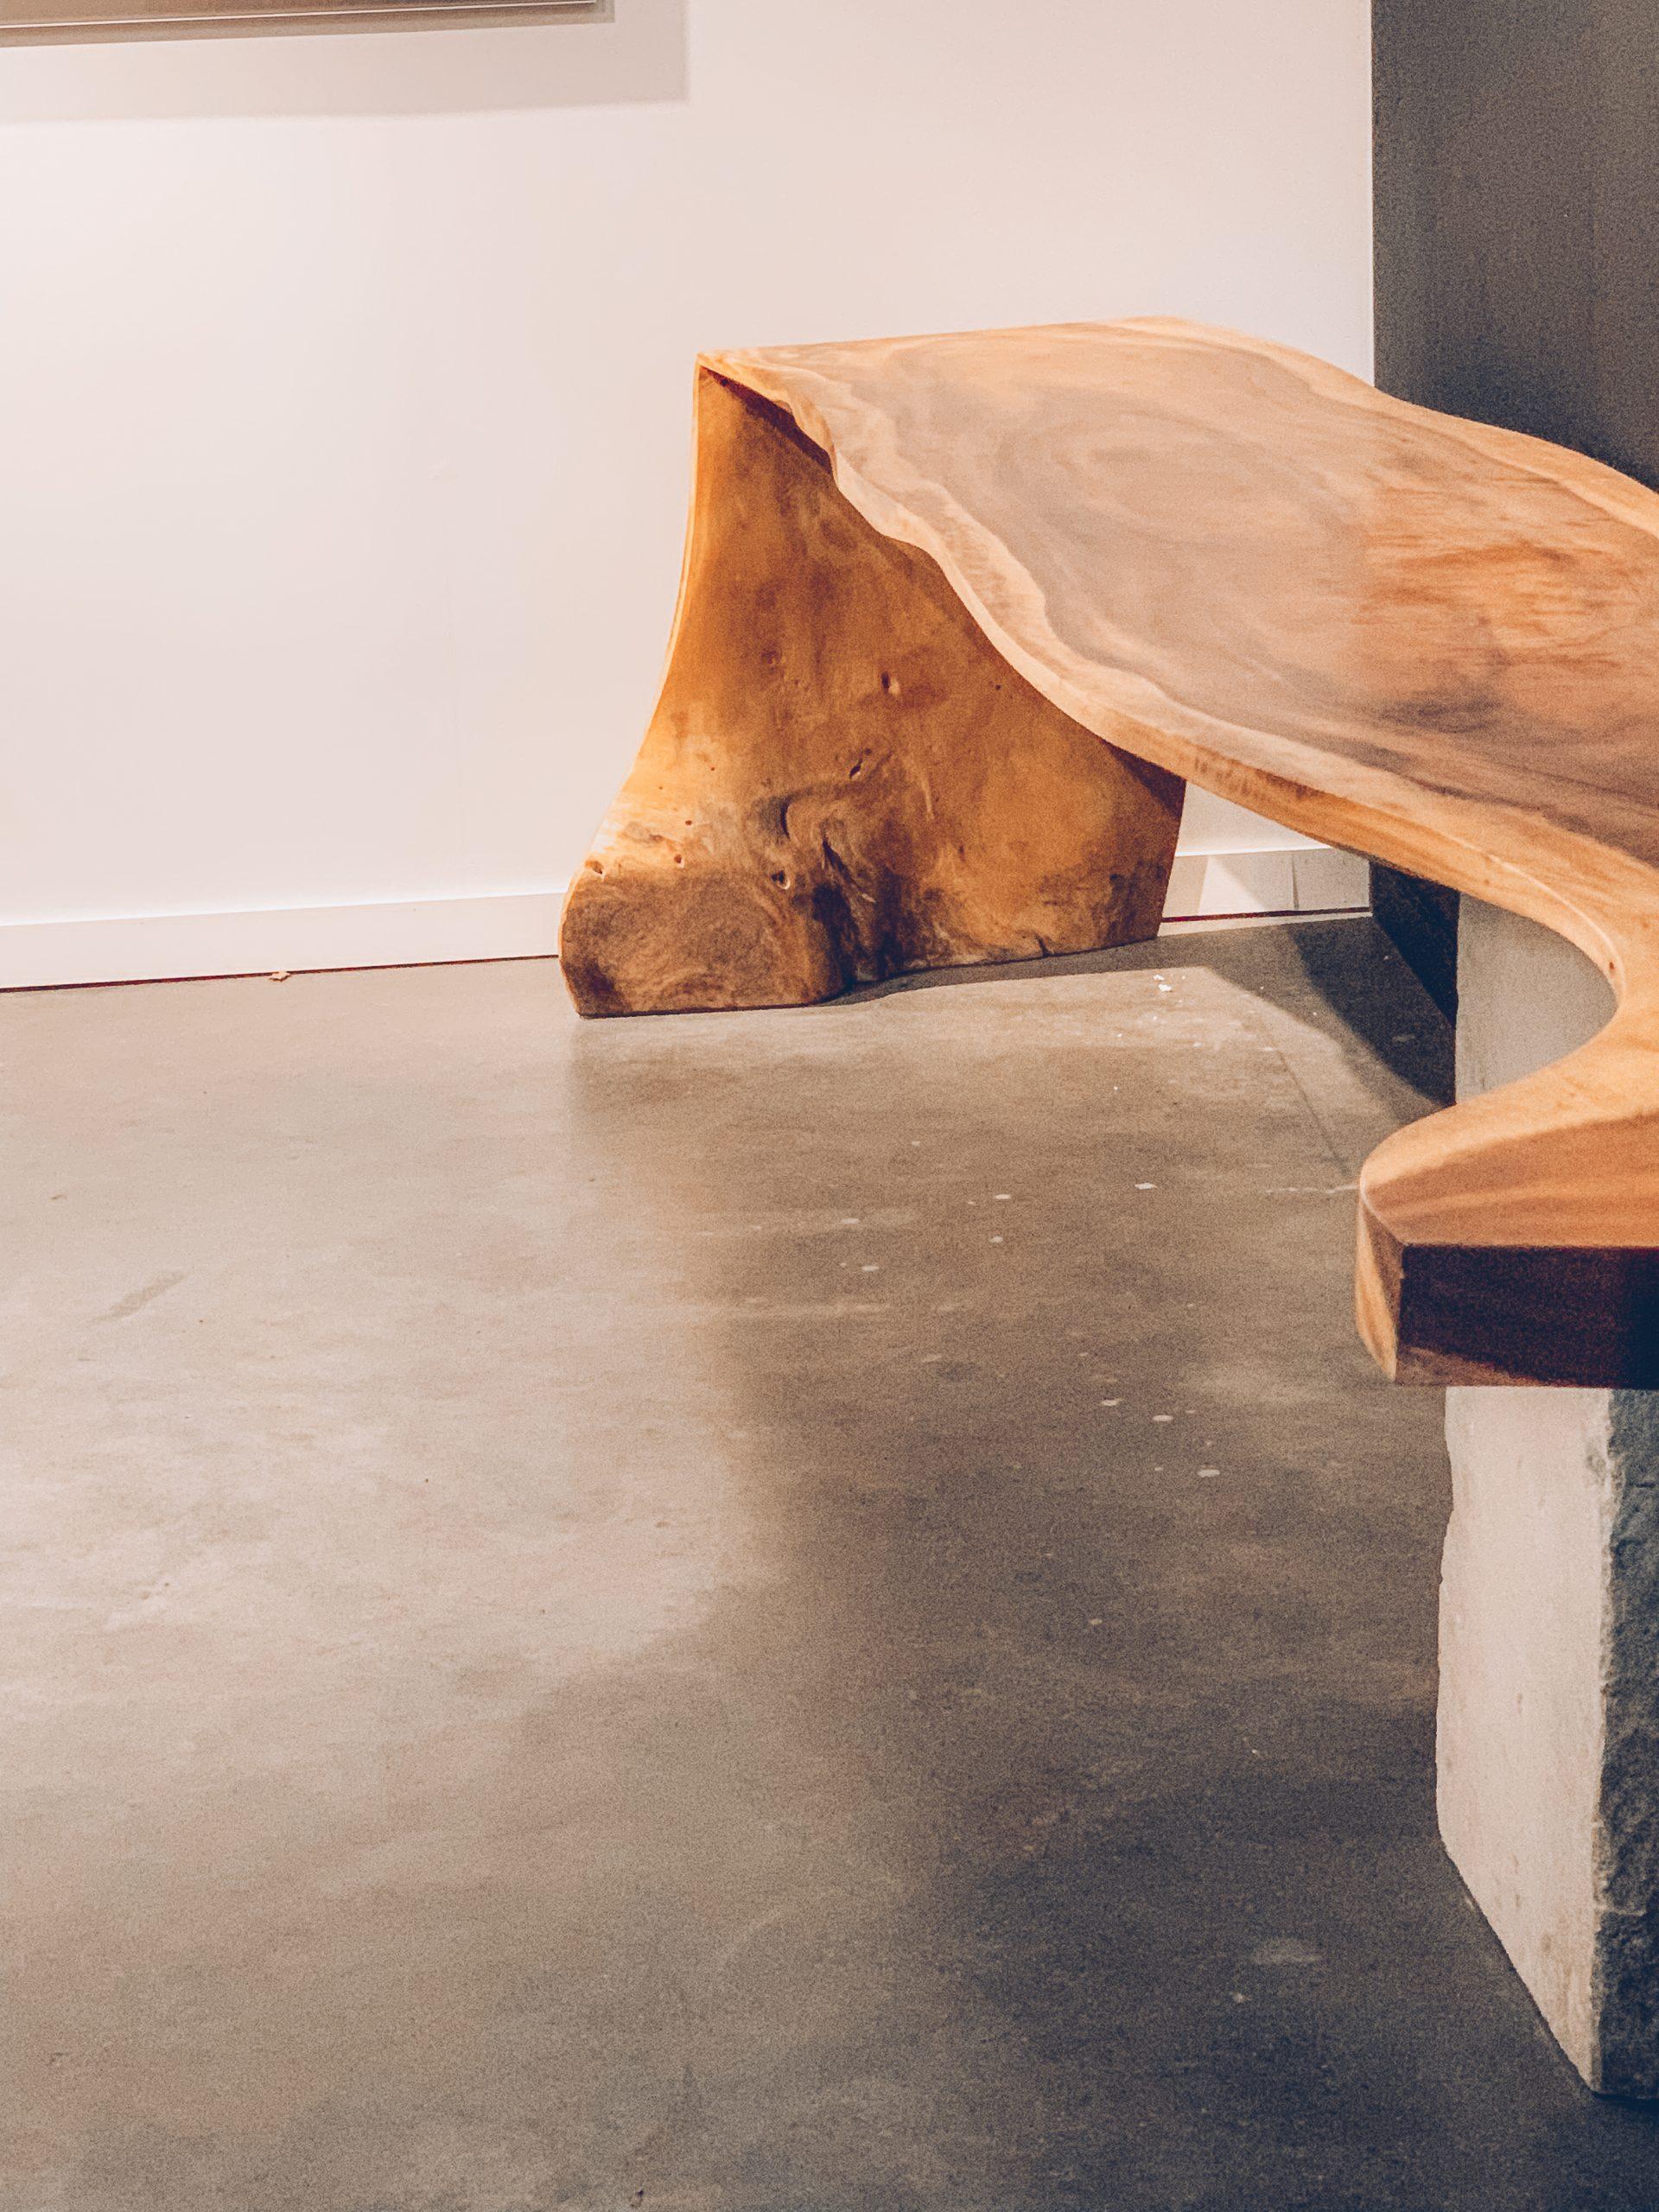 banc en bois, décoration intérieure, designers belges, objets de décoration uniques, déco tendance, magasin de décoration intérieure, jn interiors, jour et nuit liège verviers.